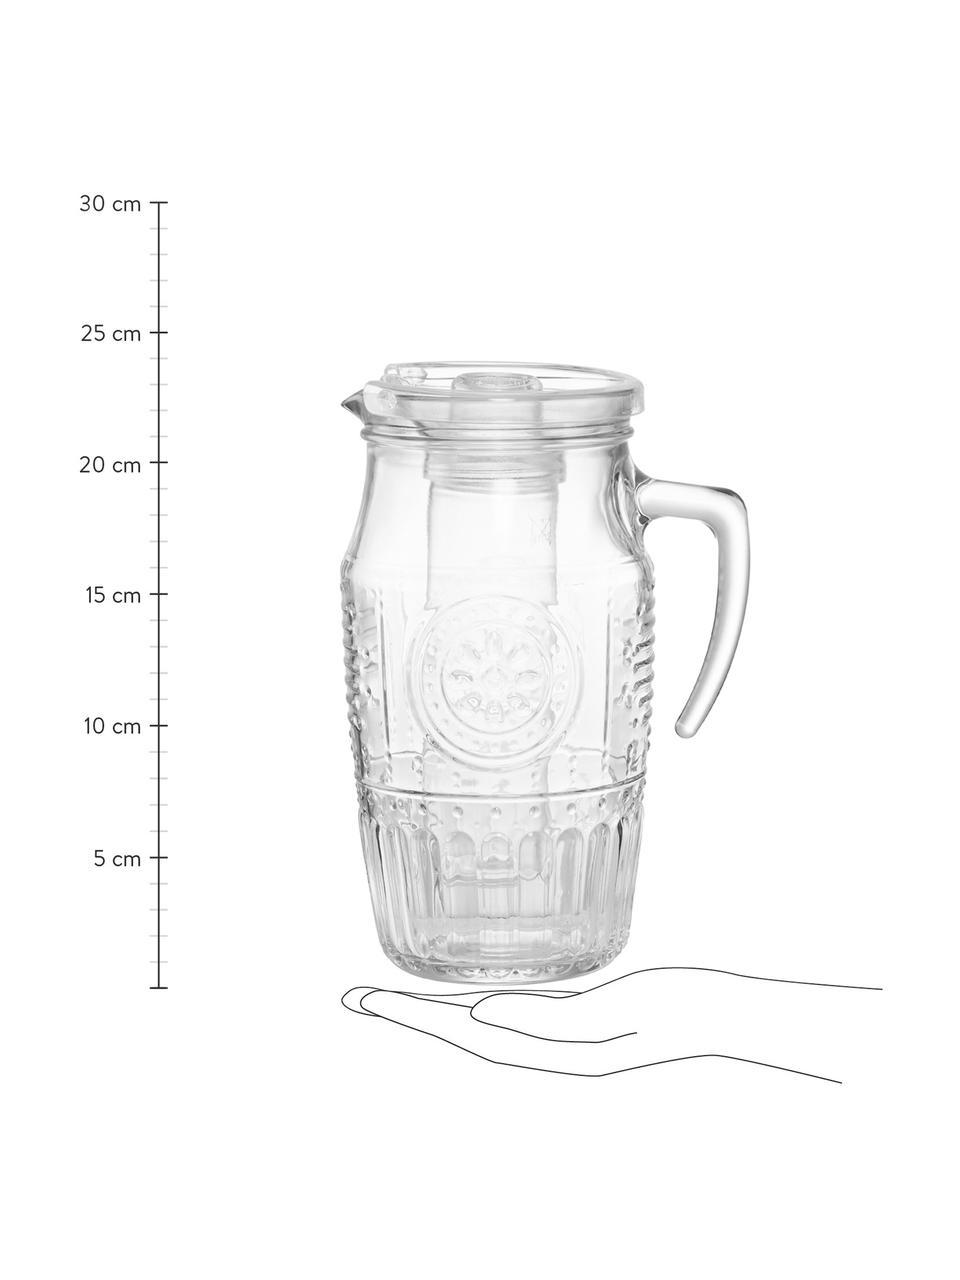 Pichet à embossages décoratifs et récipient à glace Freezy, 1,8L, Transparent